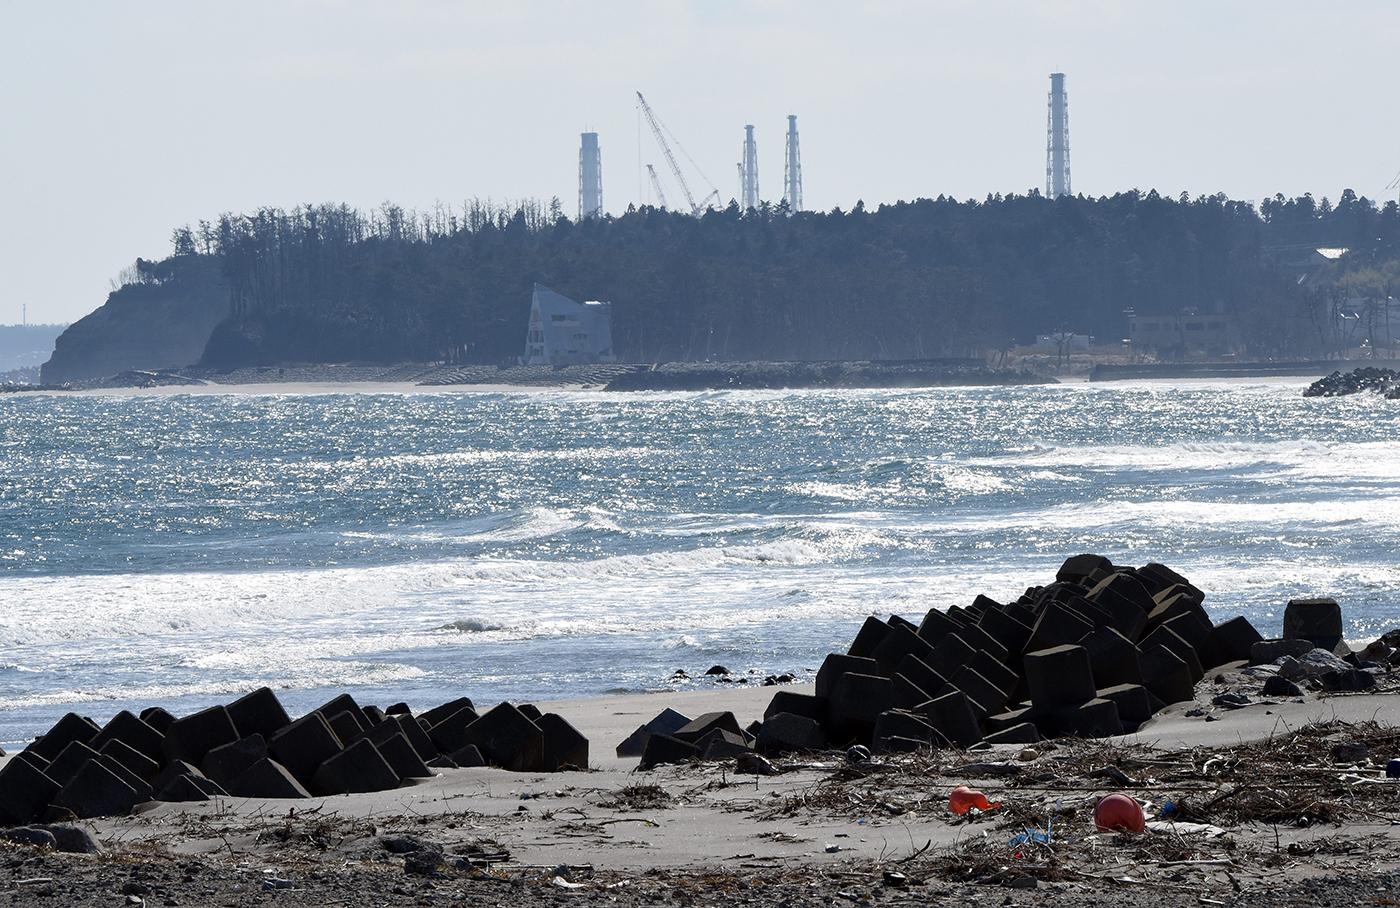 Japon, France et Etats-Unis s'associent pour démanteler Fukushima